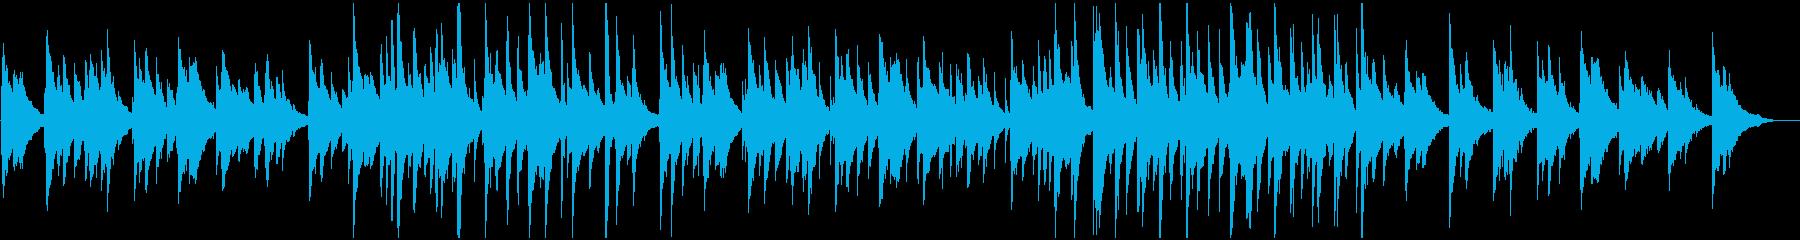 まさにジャズチックなおしゃれな曲の再生済みの波形